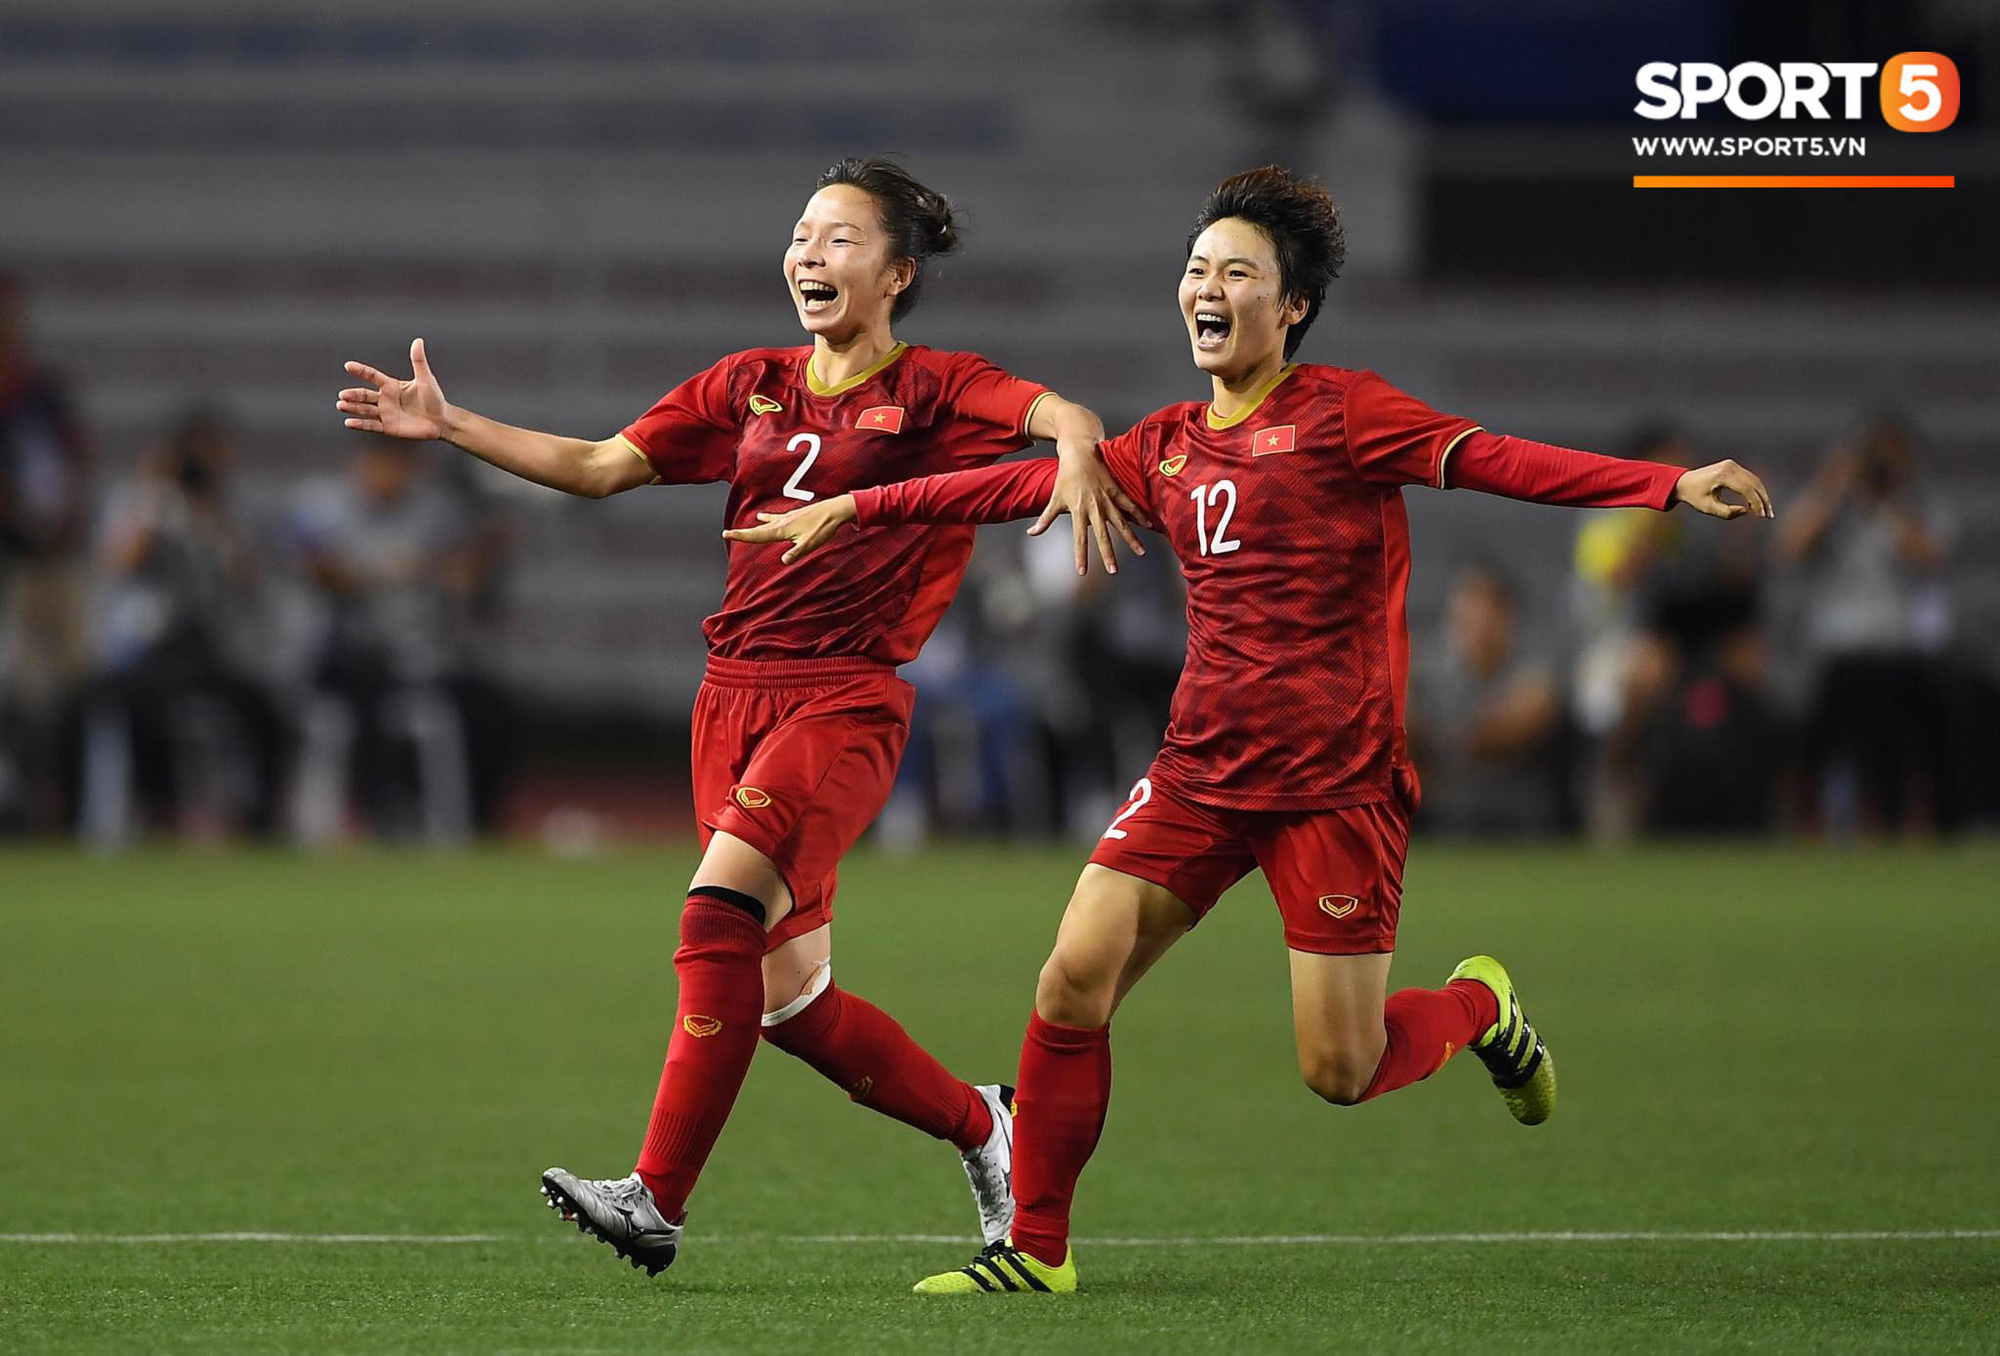 SEA Games ngày 9/12: Chờ tuyển bóng chuyền nữ Việt Nam tạo nên bất ngờ trước Thái Lan ở chung kết - Ảnh 10.